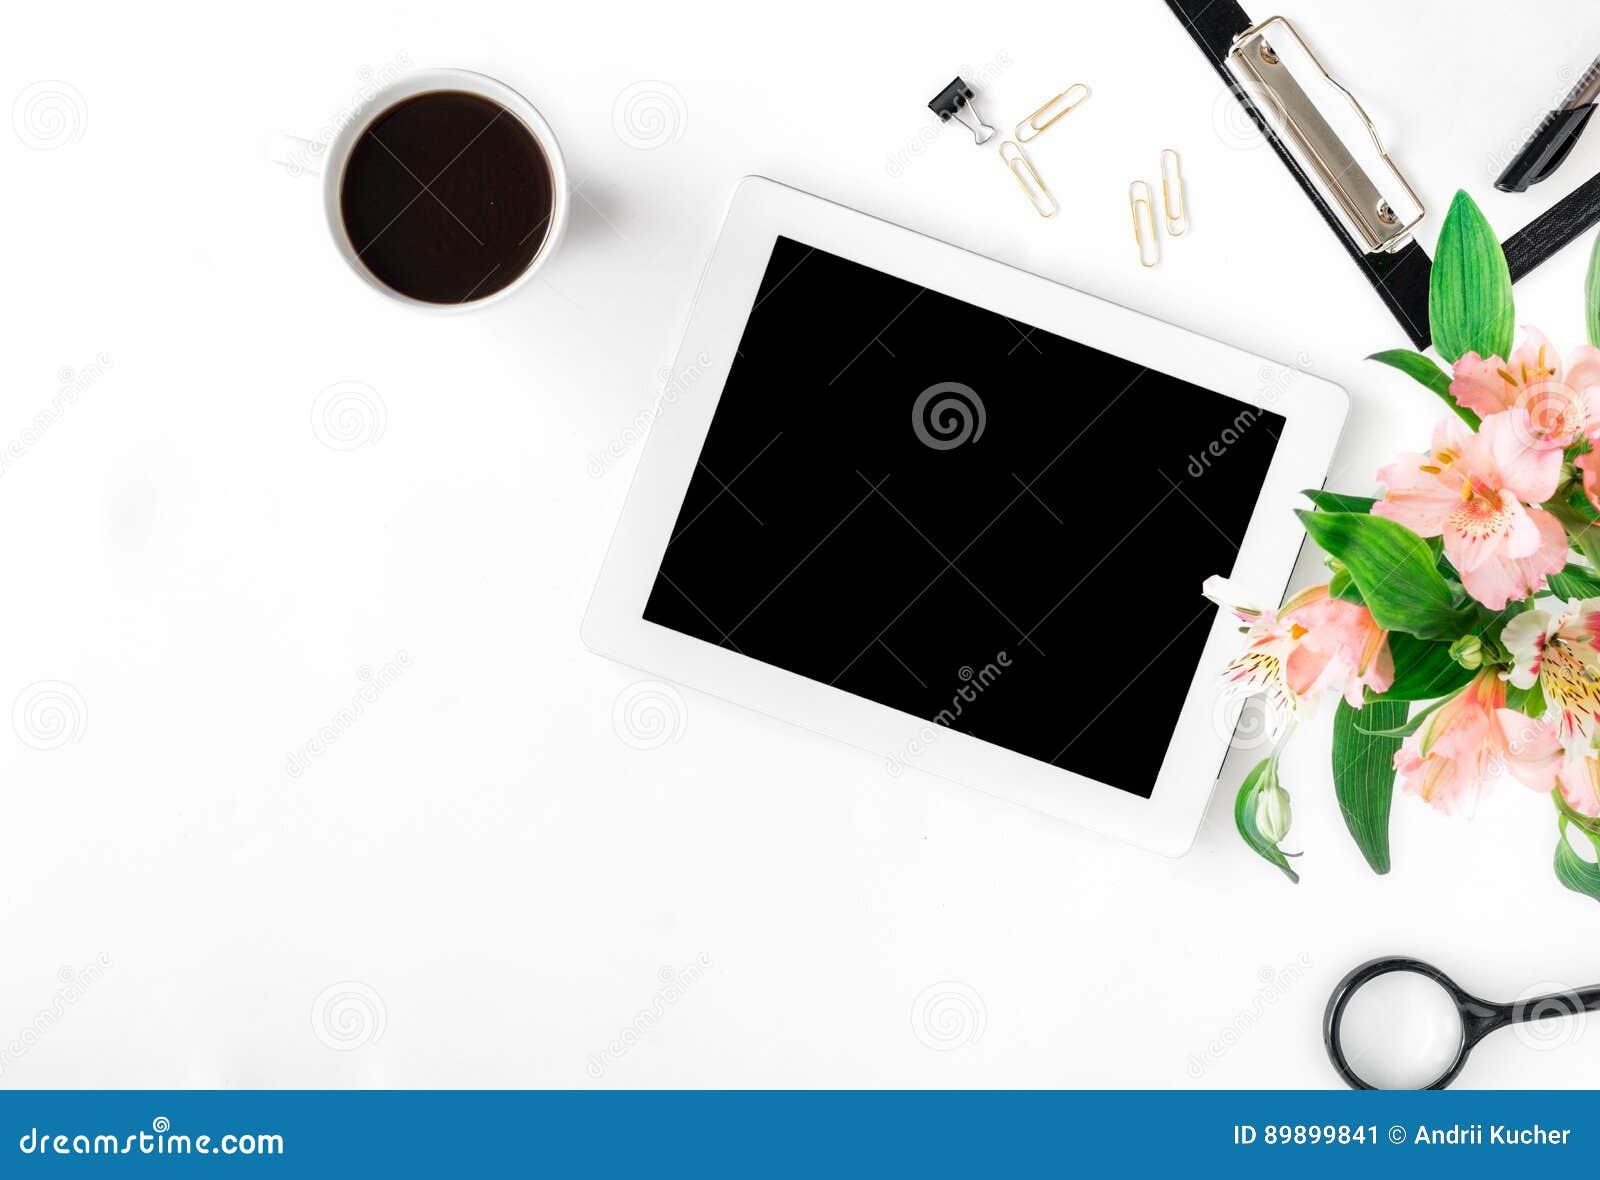 Arbeitsplatz mit Tablette, Bürozubehör, Kaffee und Blumenstrauß von